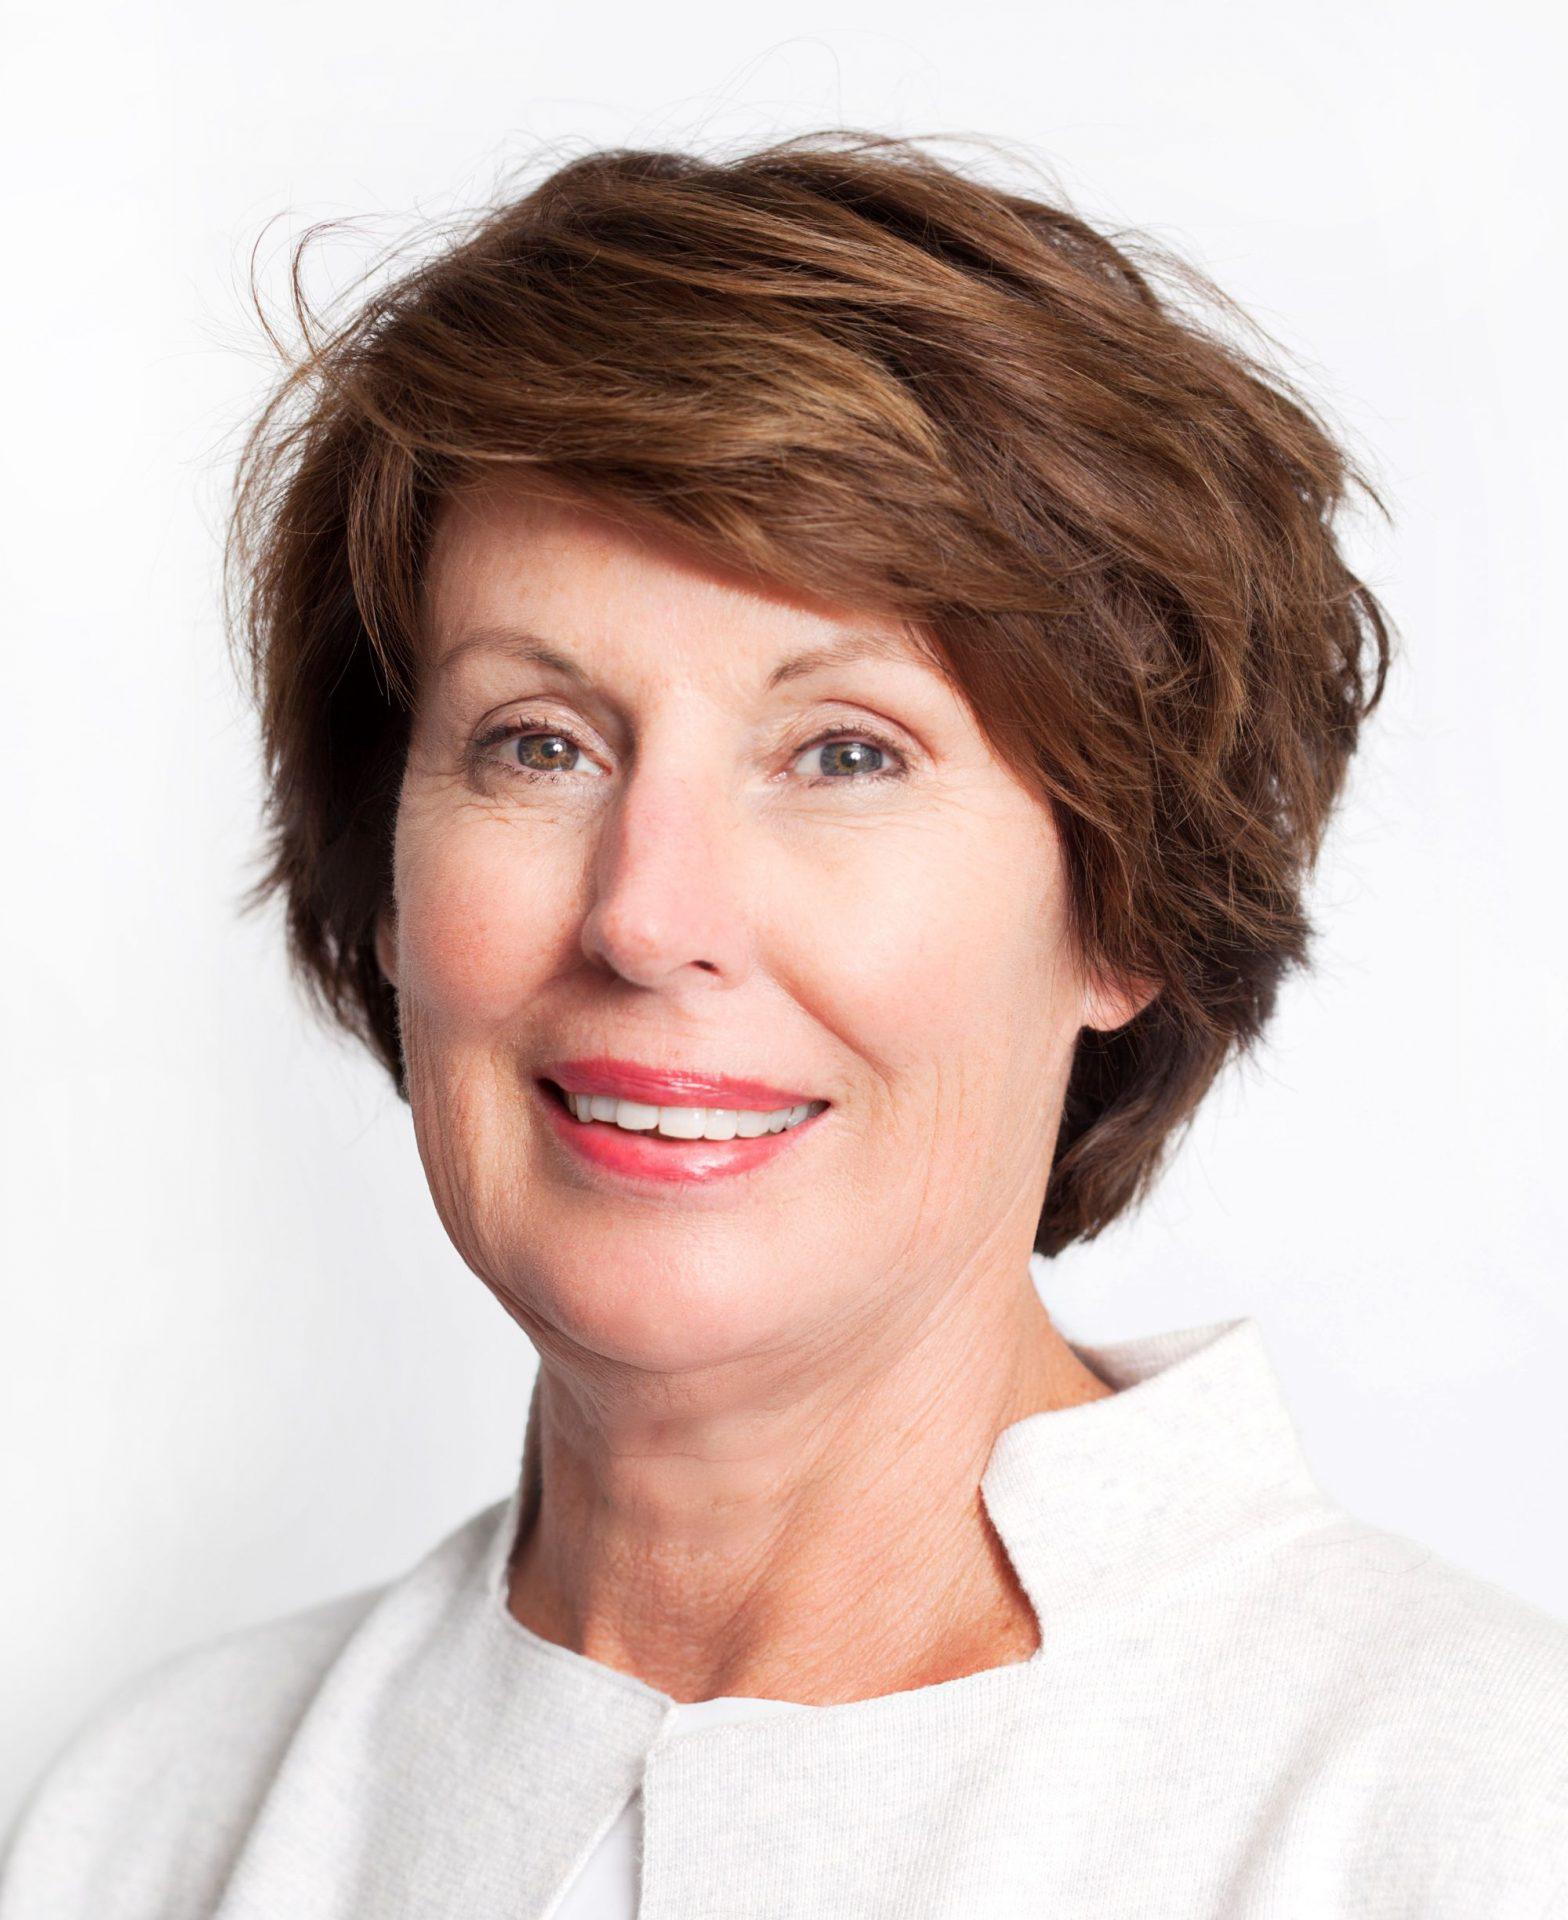 Trijnie Faber geridderd voor bijdrage noordelijke IT-sector